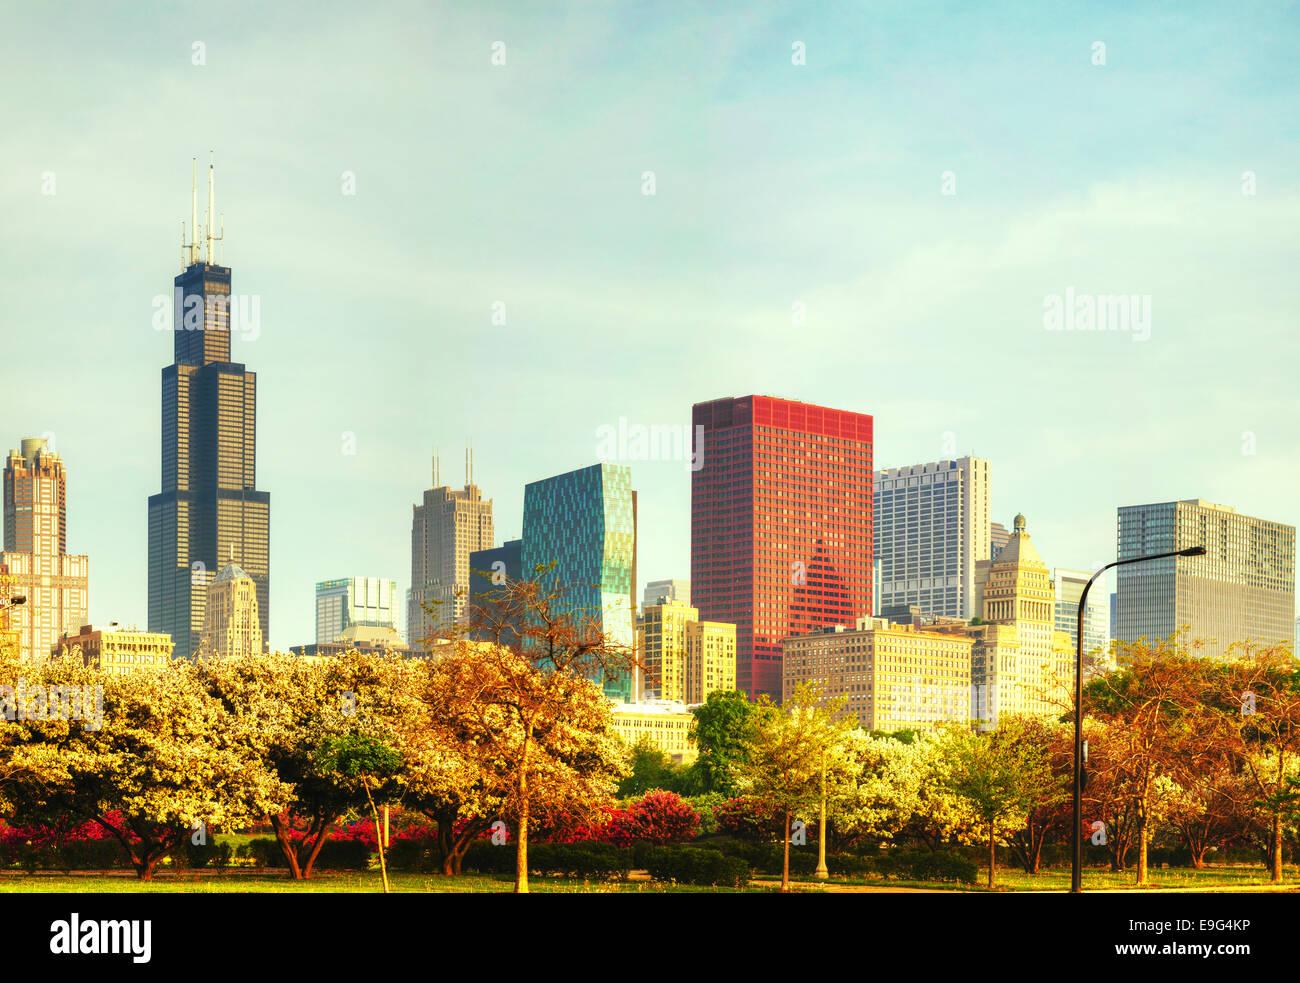 El centro de Chicago, IL en la mañana Imagen De Stock